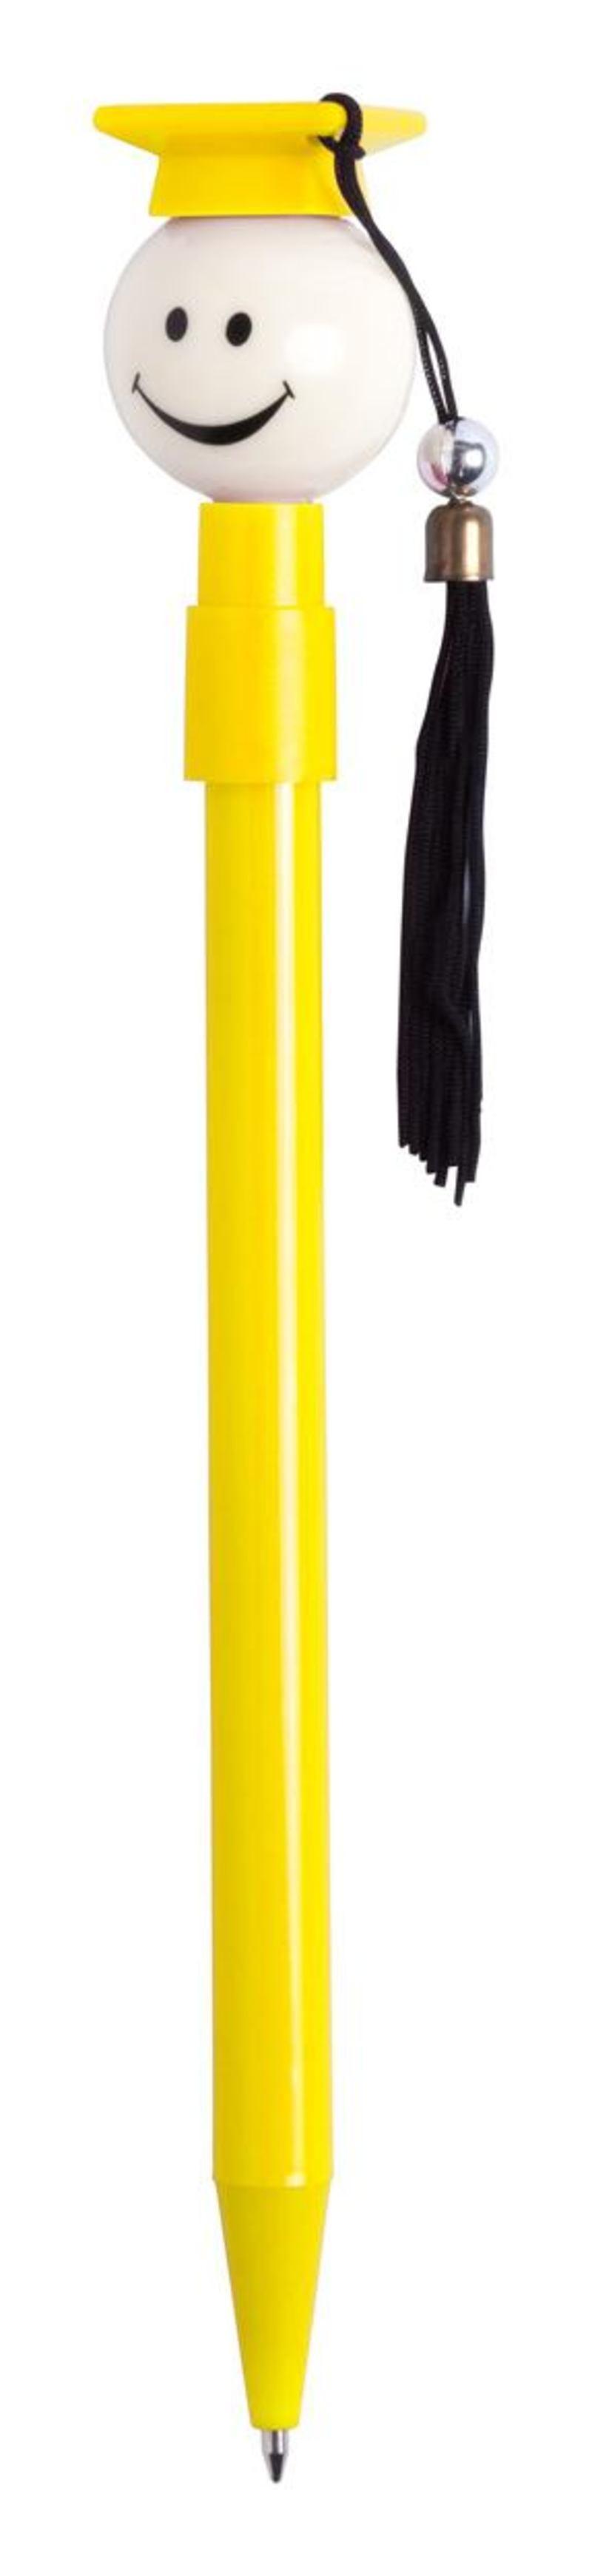 Gradox pen gradox